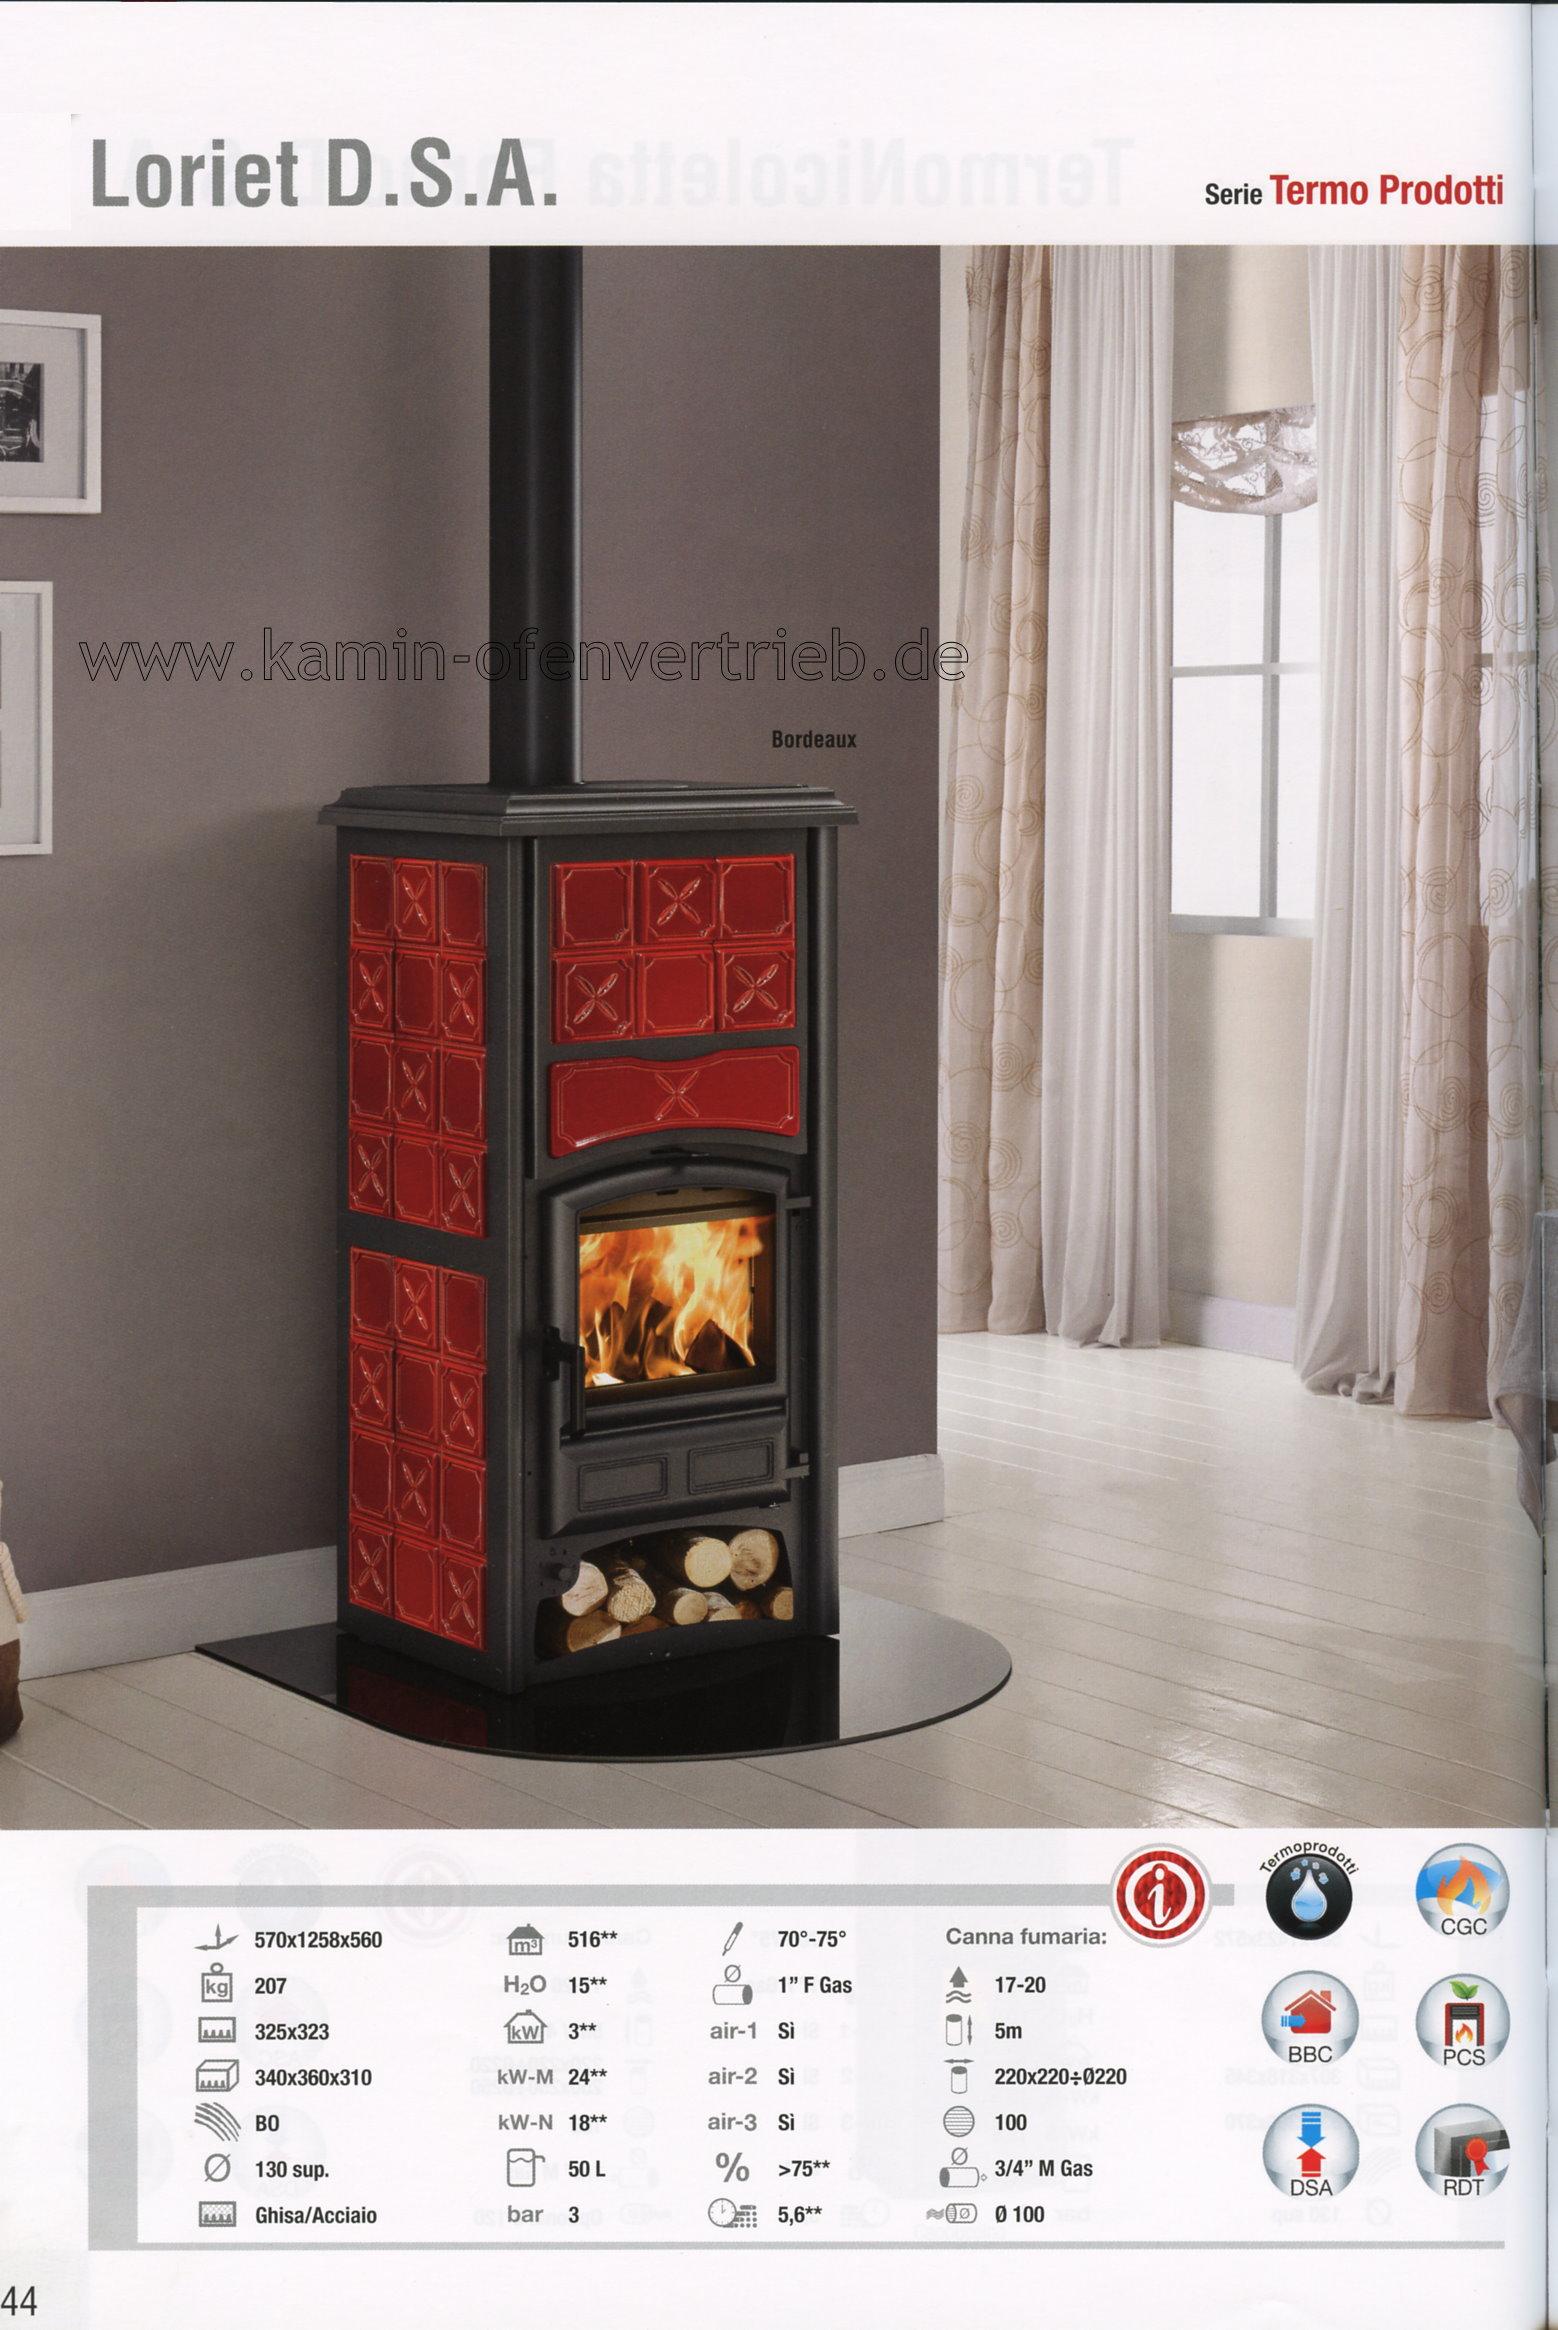 la nordica kaminofen termonicoletta forno dsa termorossella plus forno dsa termoisotta loriet. Black Bedroom Furniture Sets. Home Design Ideas